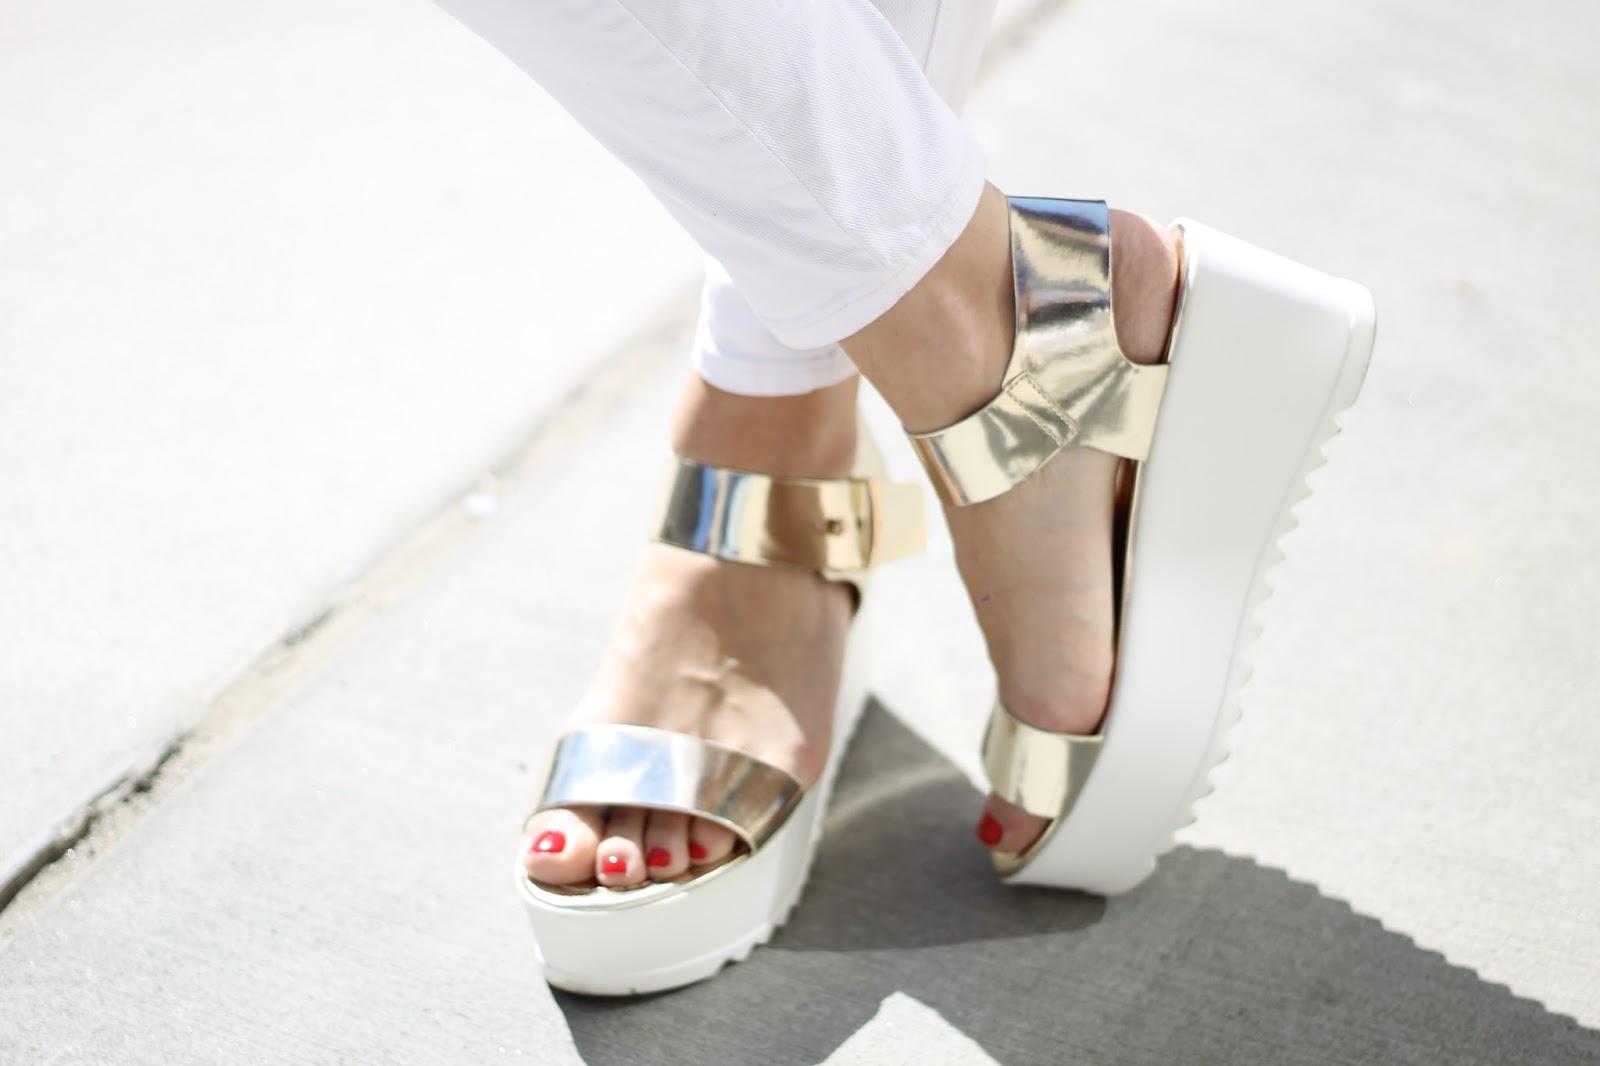 fd4529ca3606 Steve Madden Gold Surfside Platform Sandals